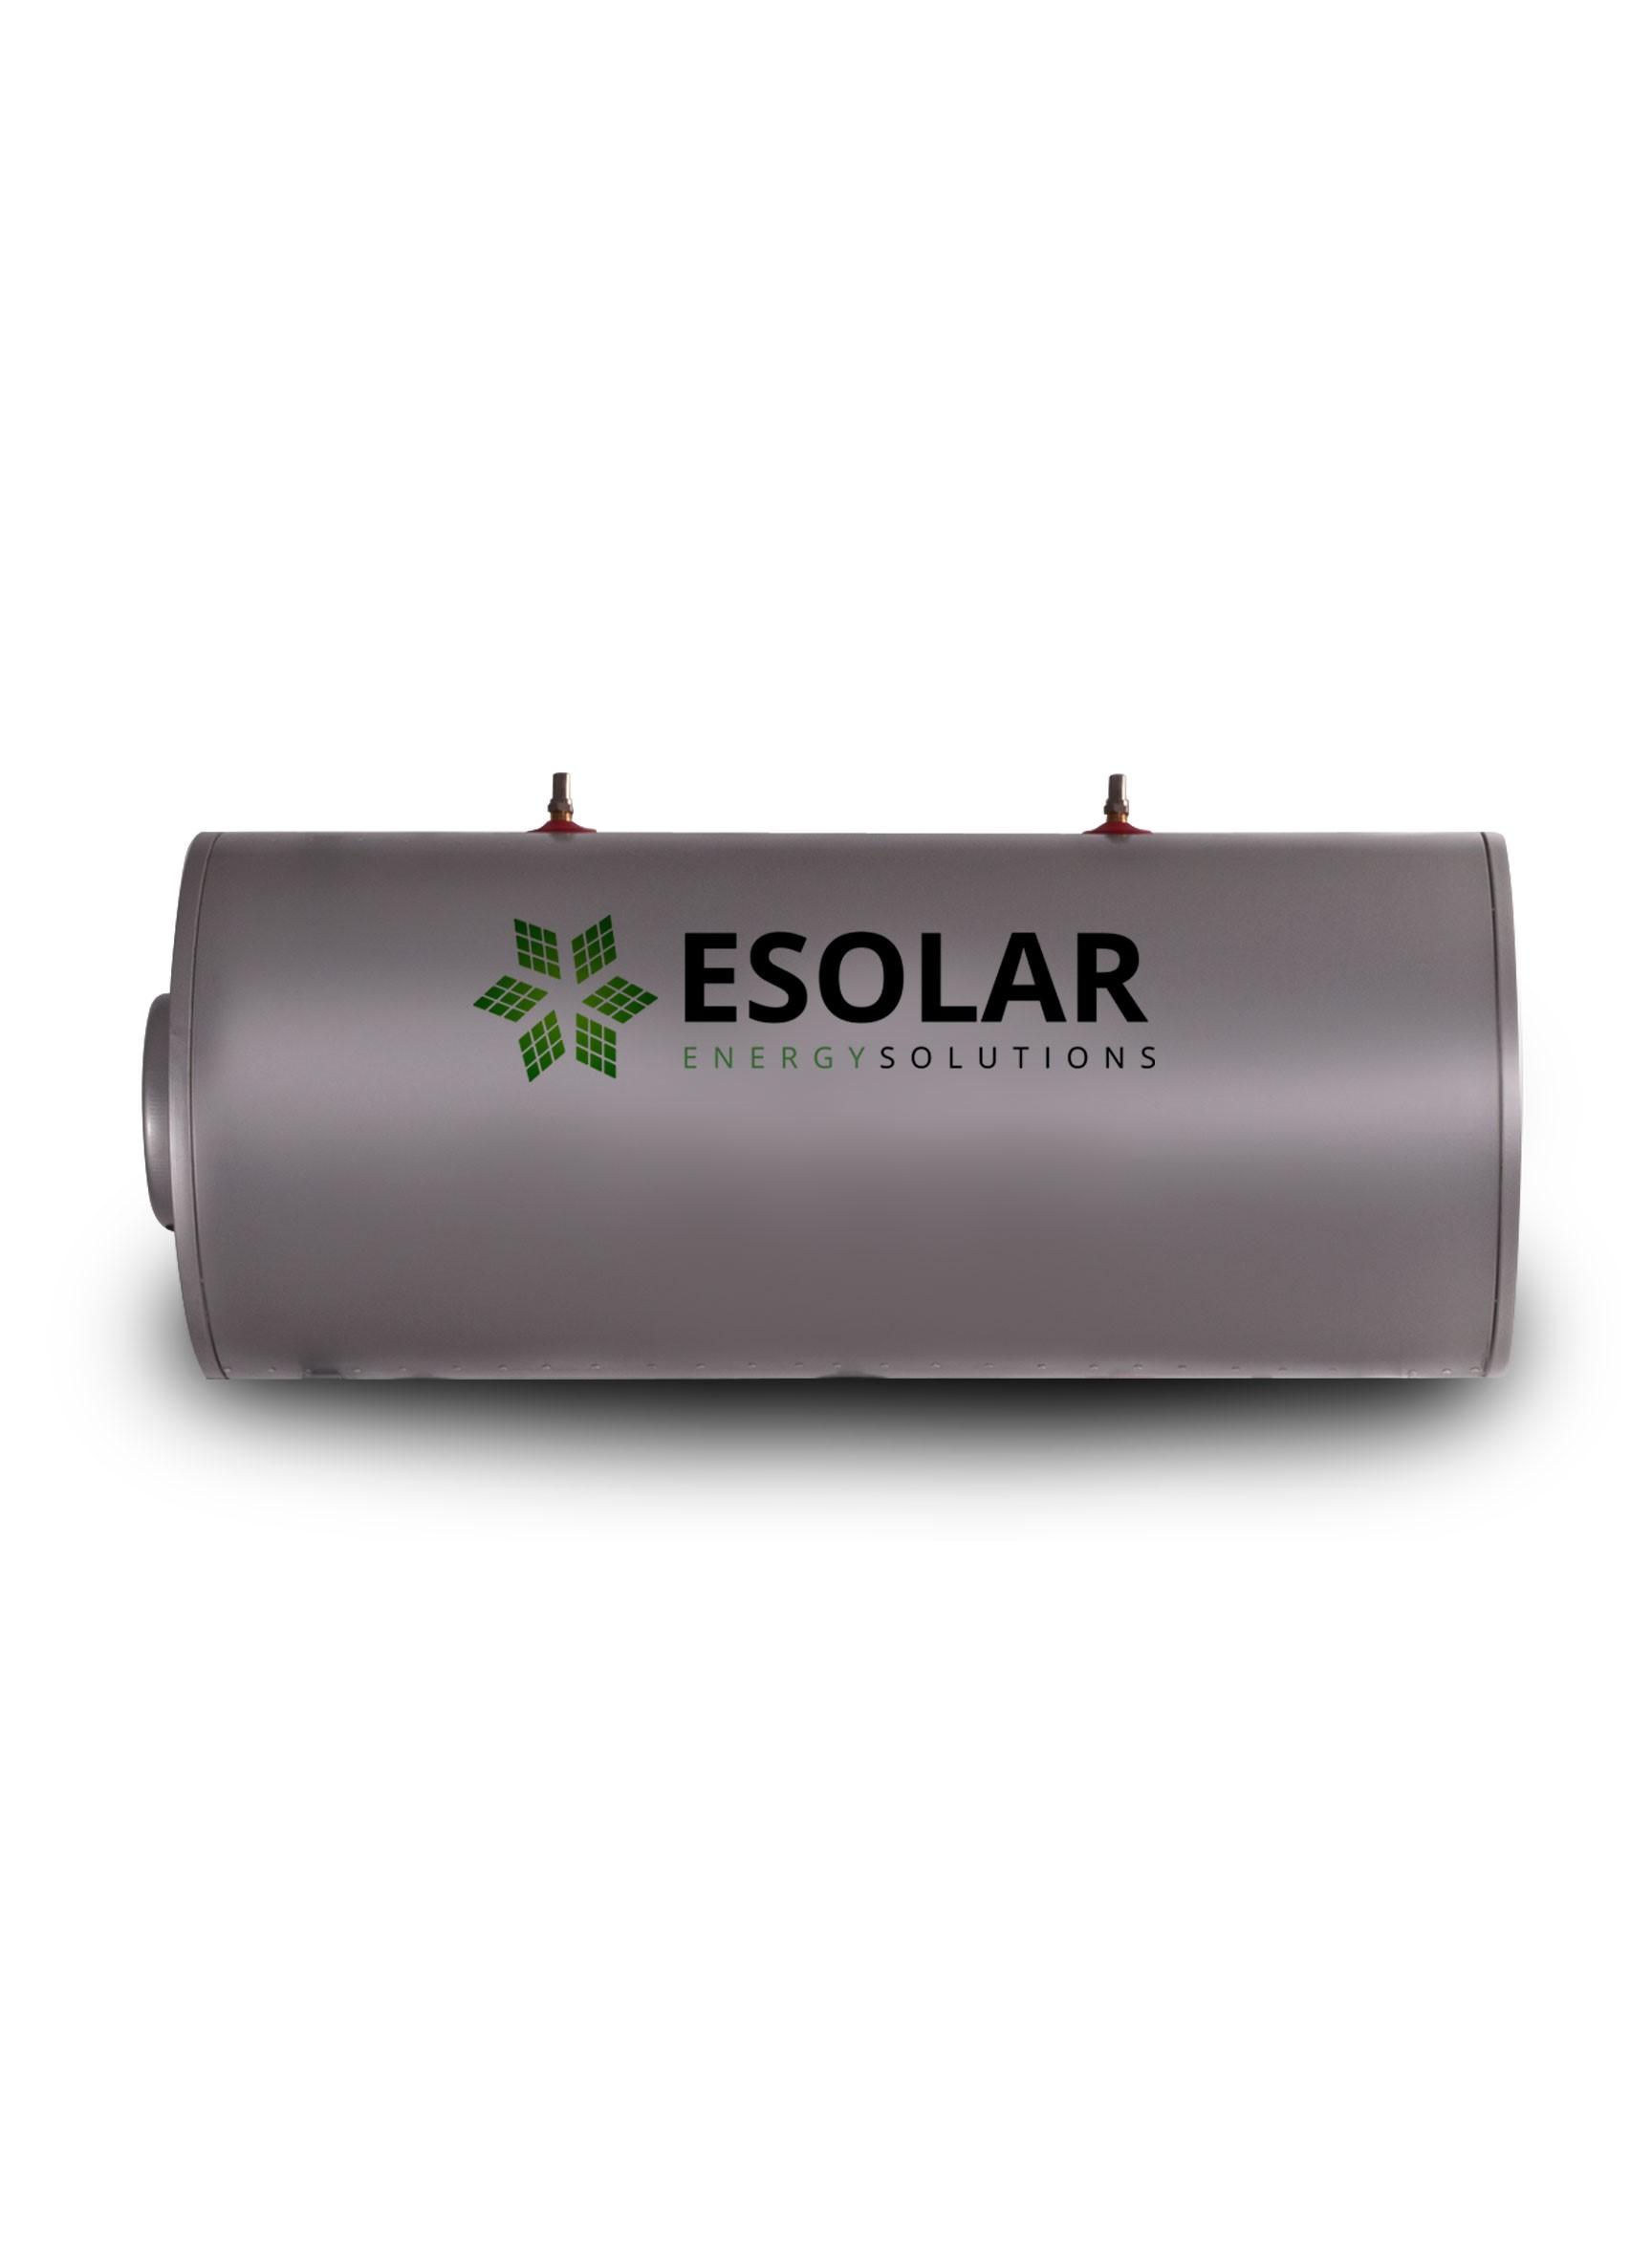 Μπόϊλερ (Καζάνι) Ηλιακού GLASS 100 Lt